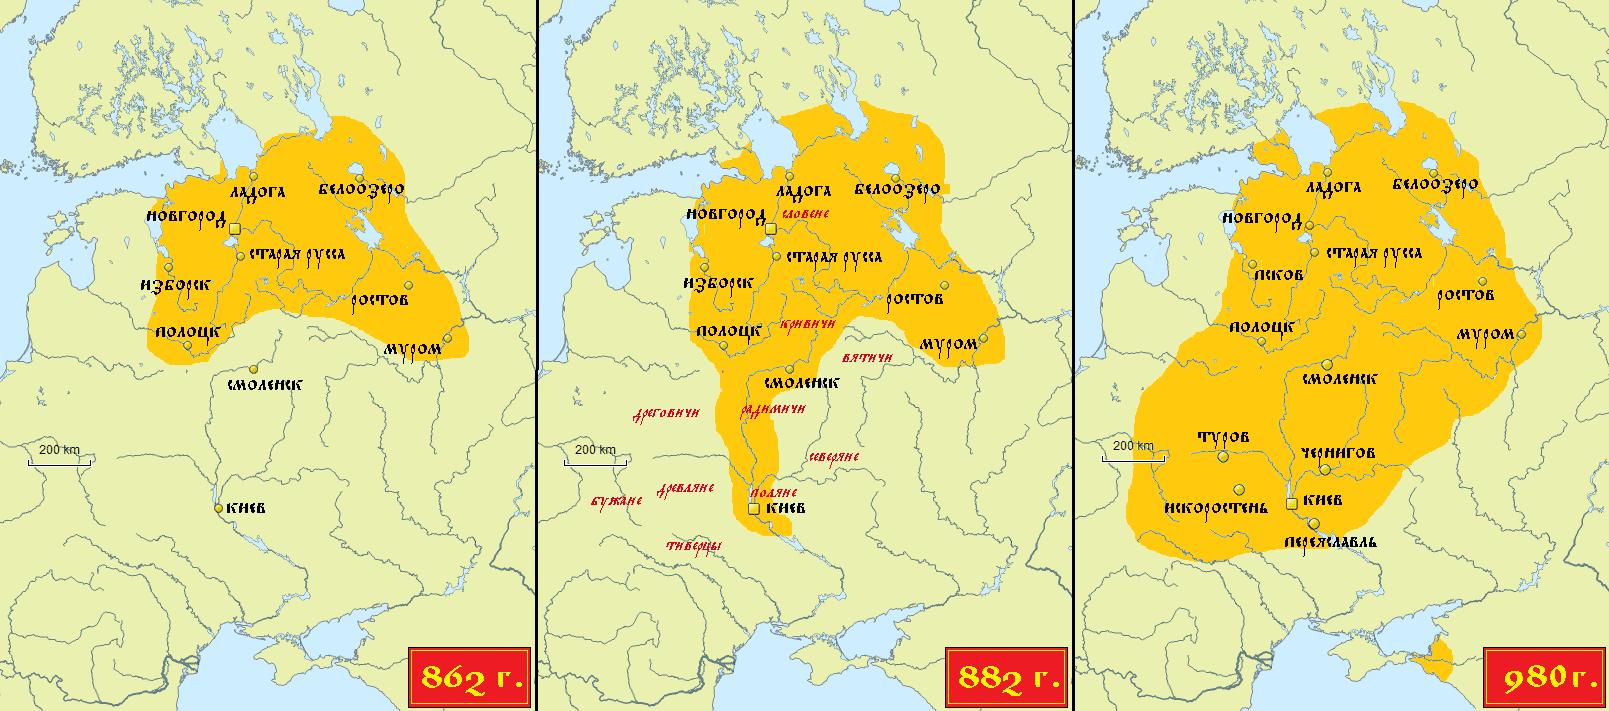 Ruś Kijowska 862 r. - 980 r.